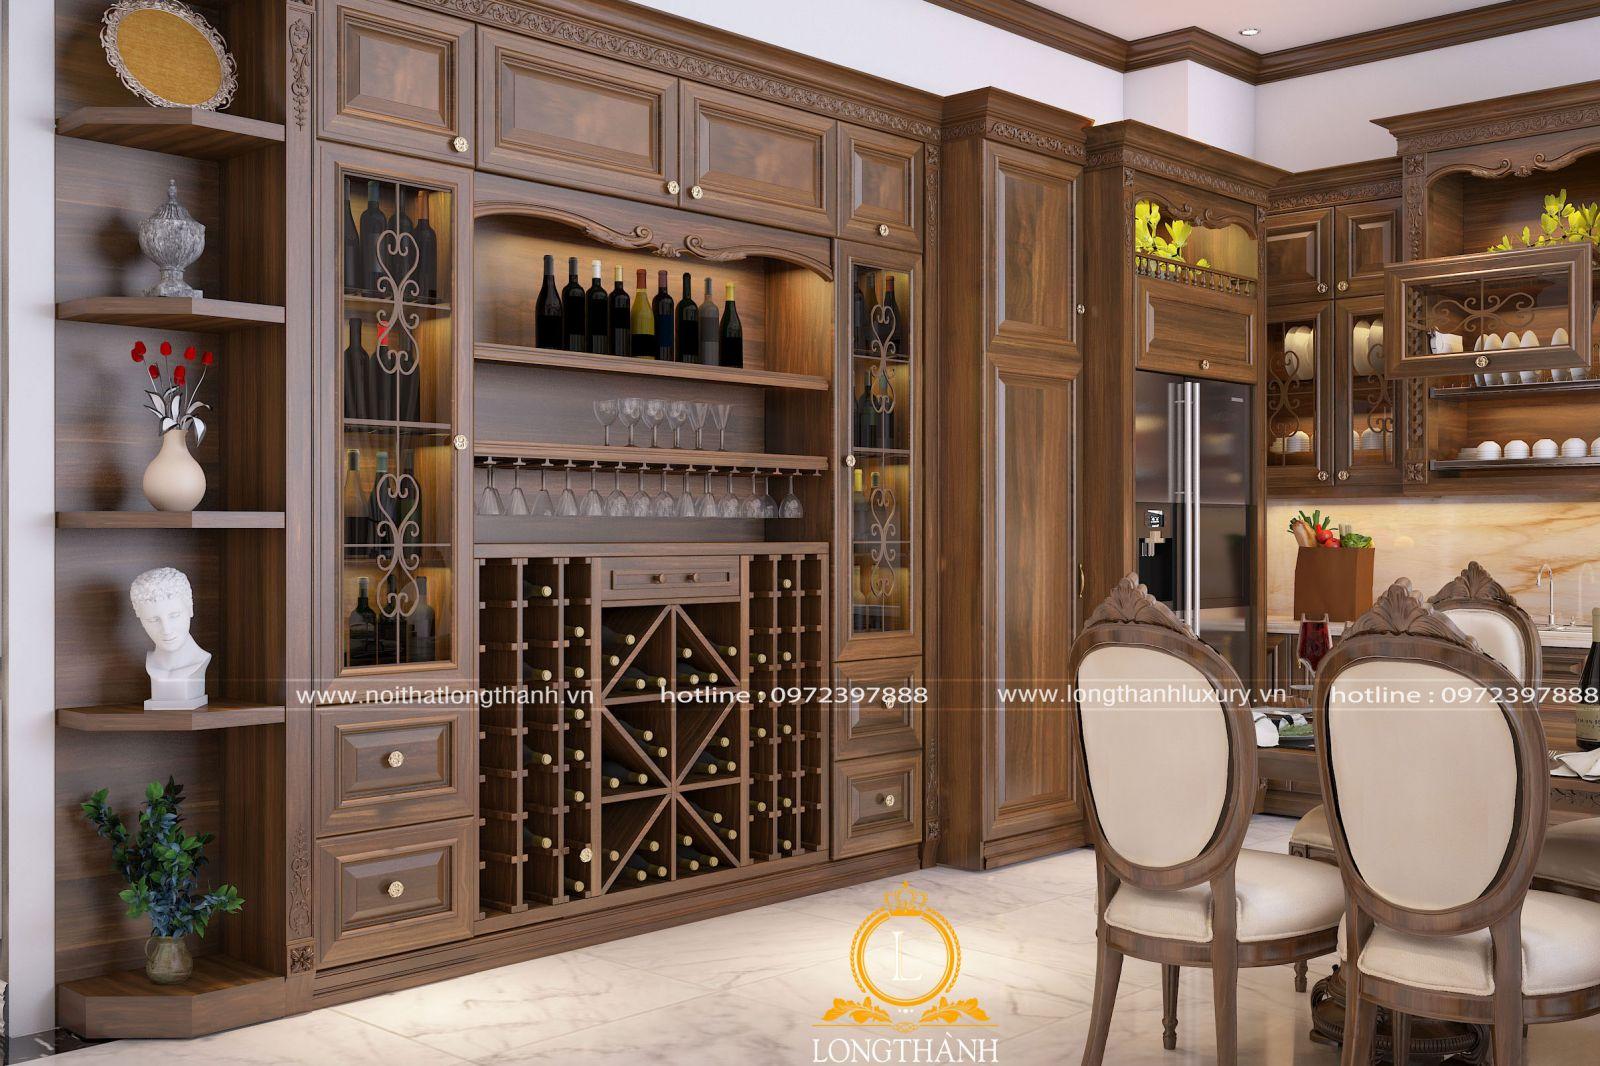 Tủ rượu kết hợp kệ trang trí